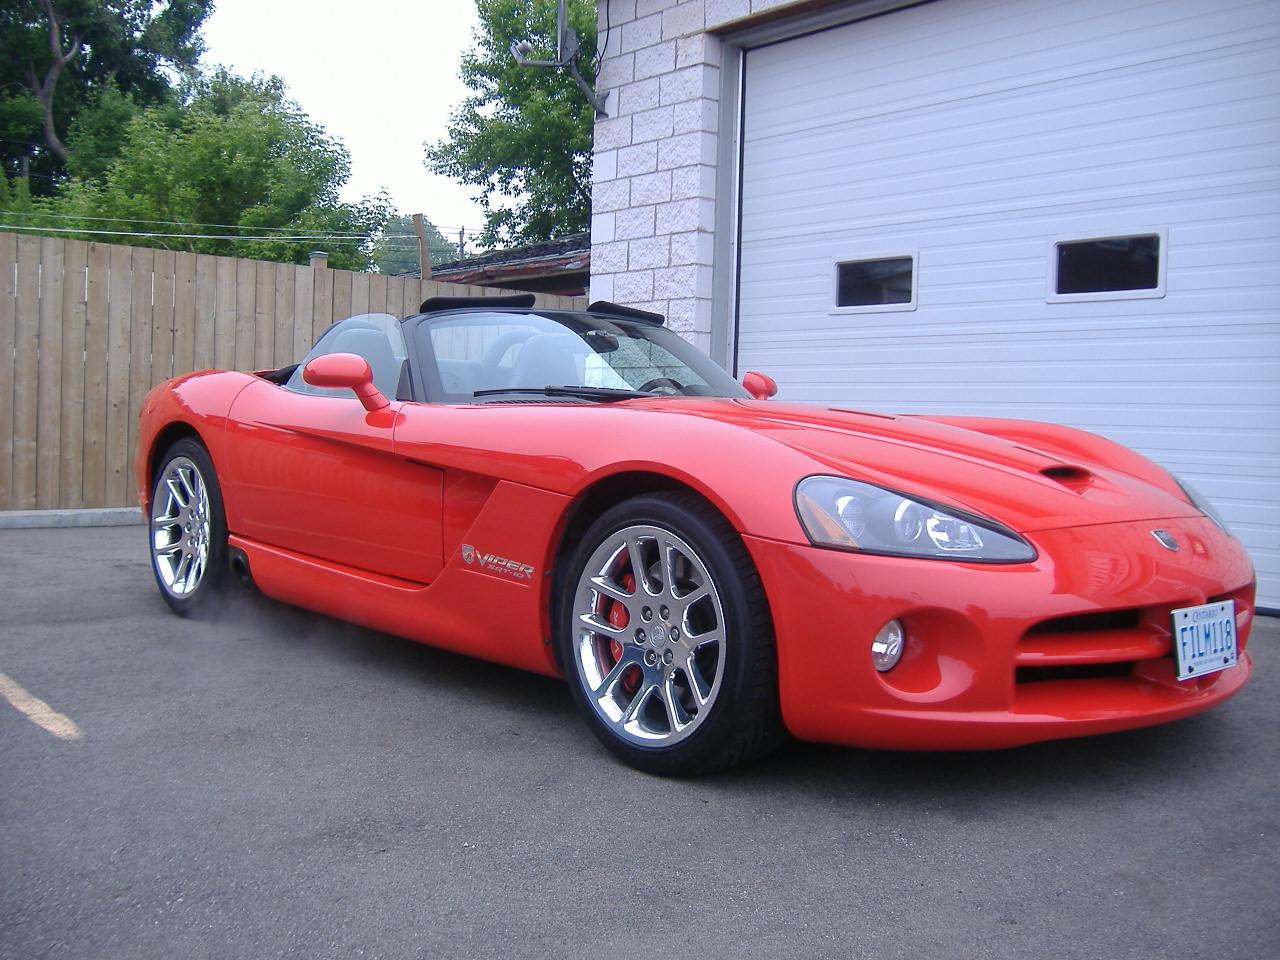 2008 Dodge Viper - Pictures - CarGurus